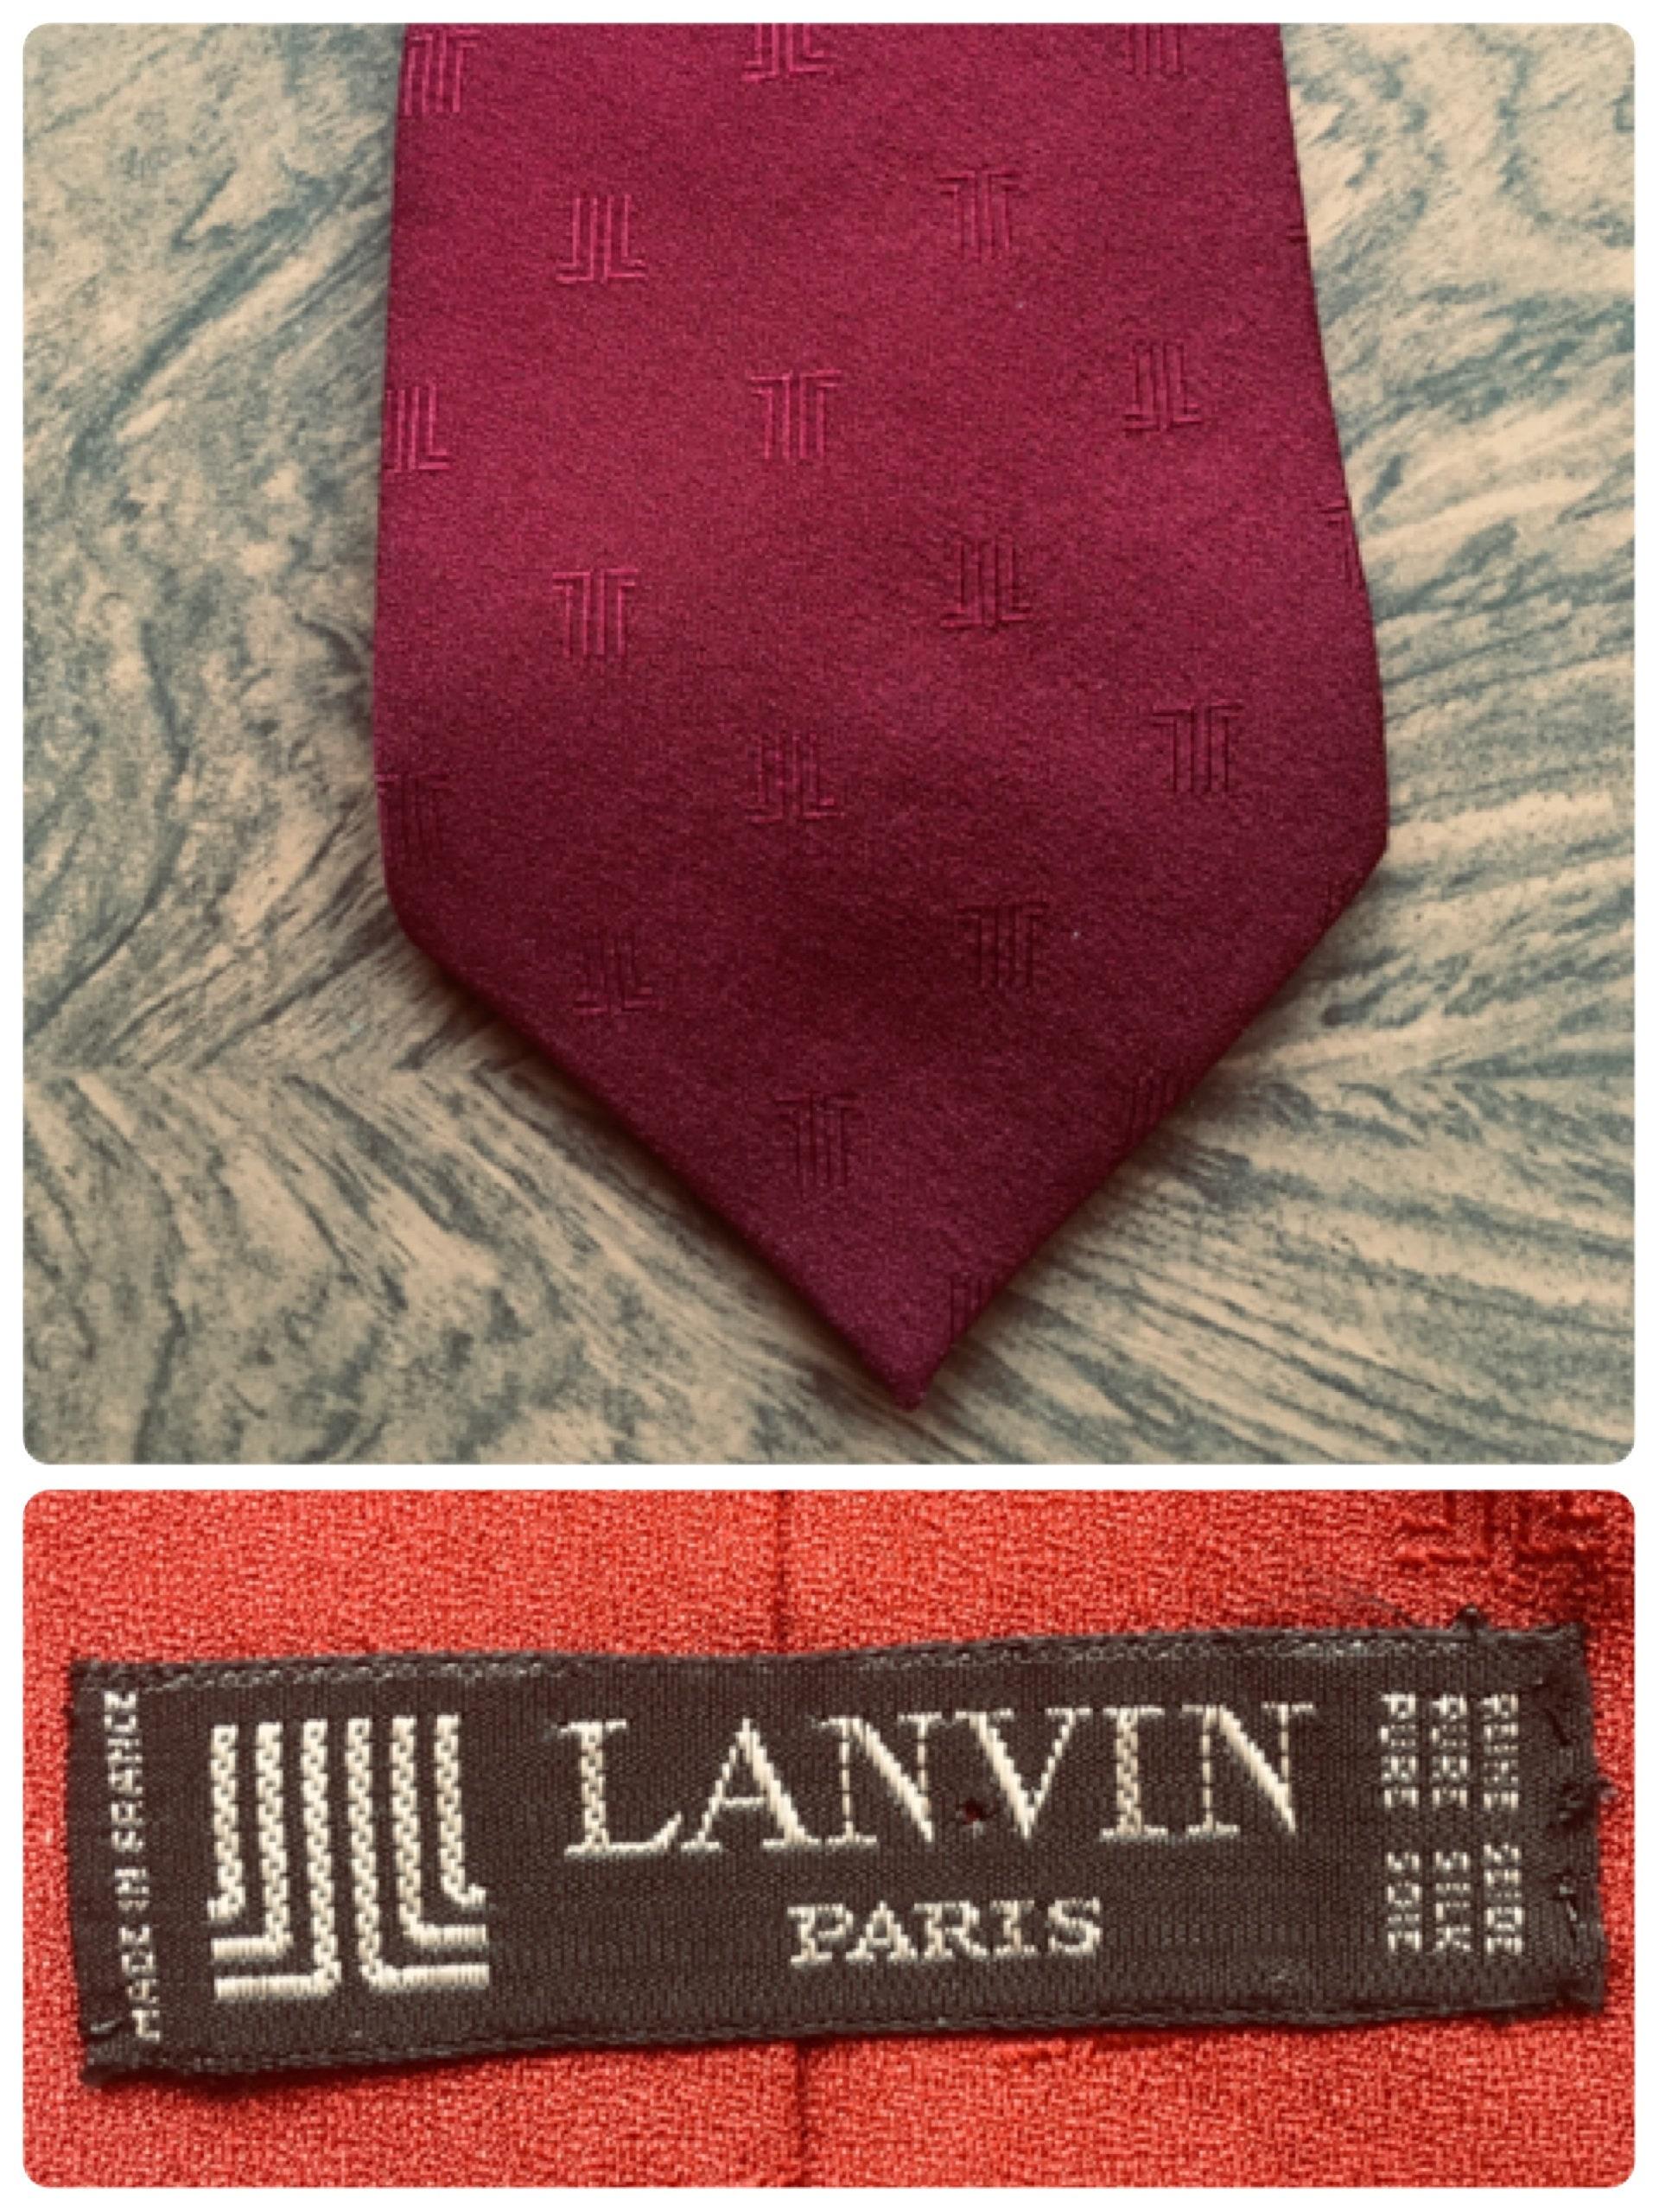 AUTHENTIC  LANVIN OF PARIS 100 /% SILK POCKET HANDKERCHIEF  Black trim